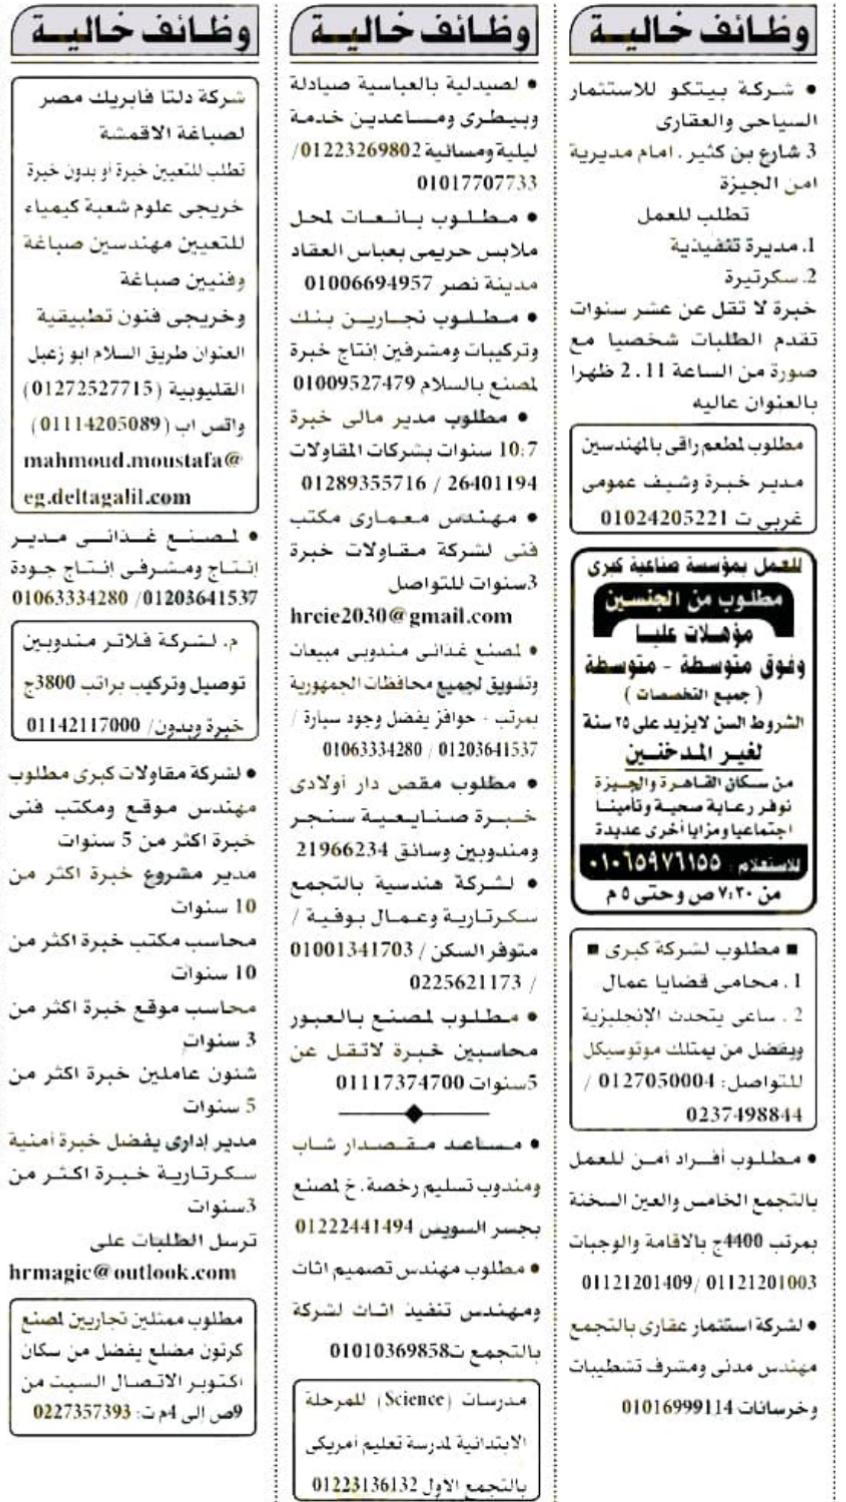 وظائف الأهرام الجمعة 16/10/2020.. جريدة الاهرام المصرية وظائف خالية 1